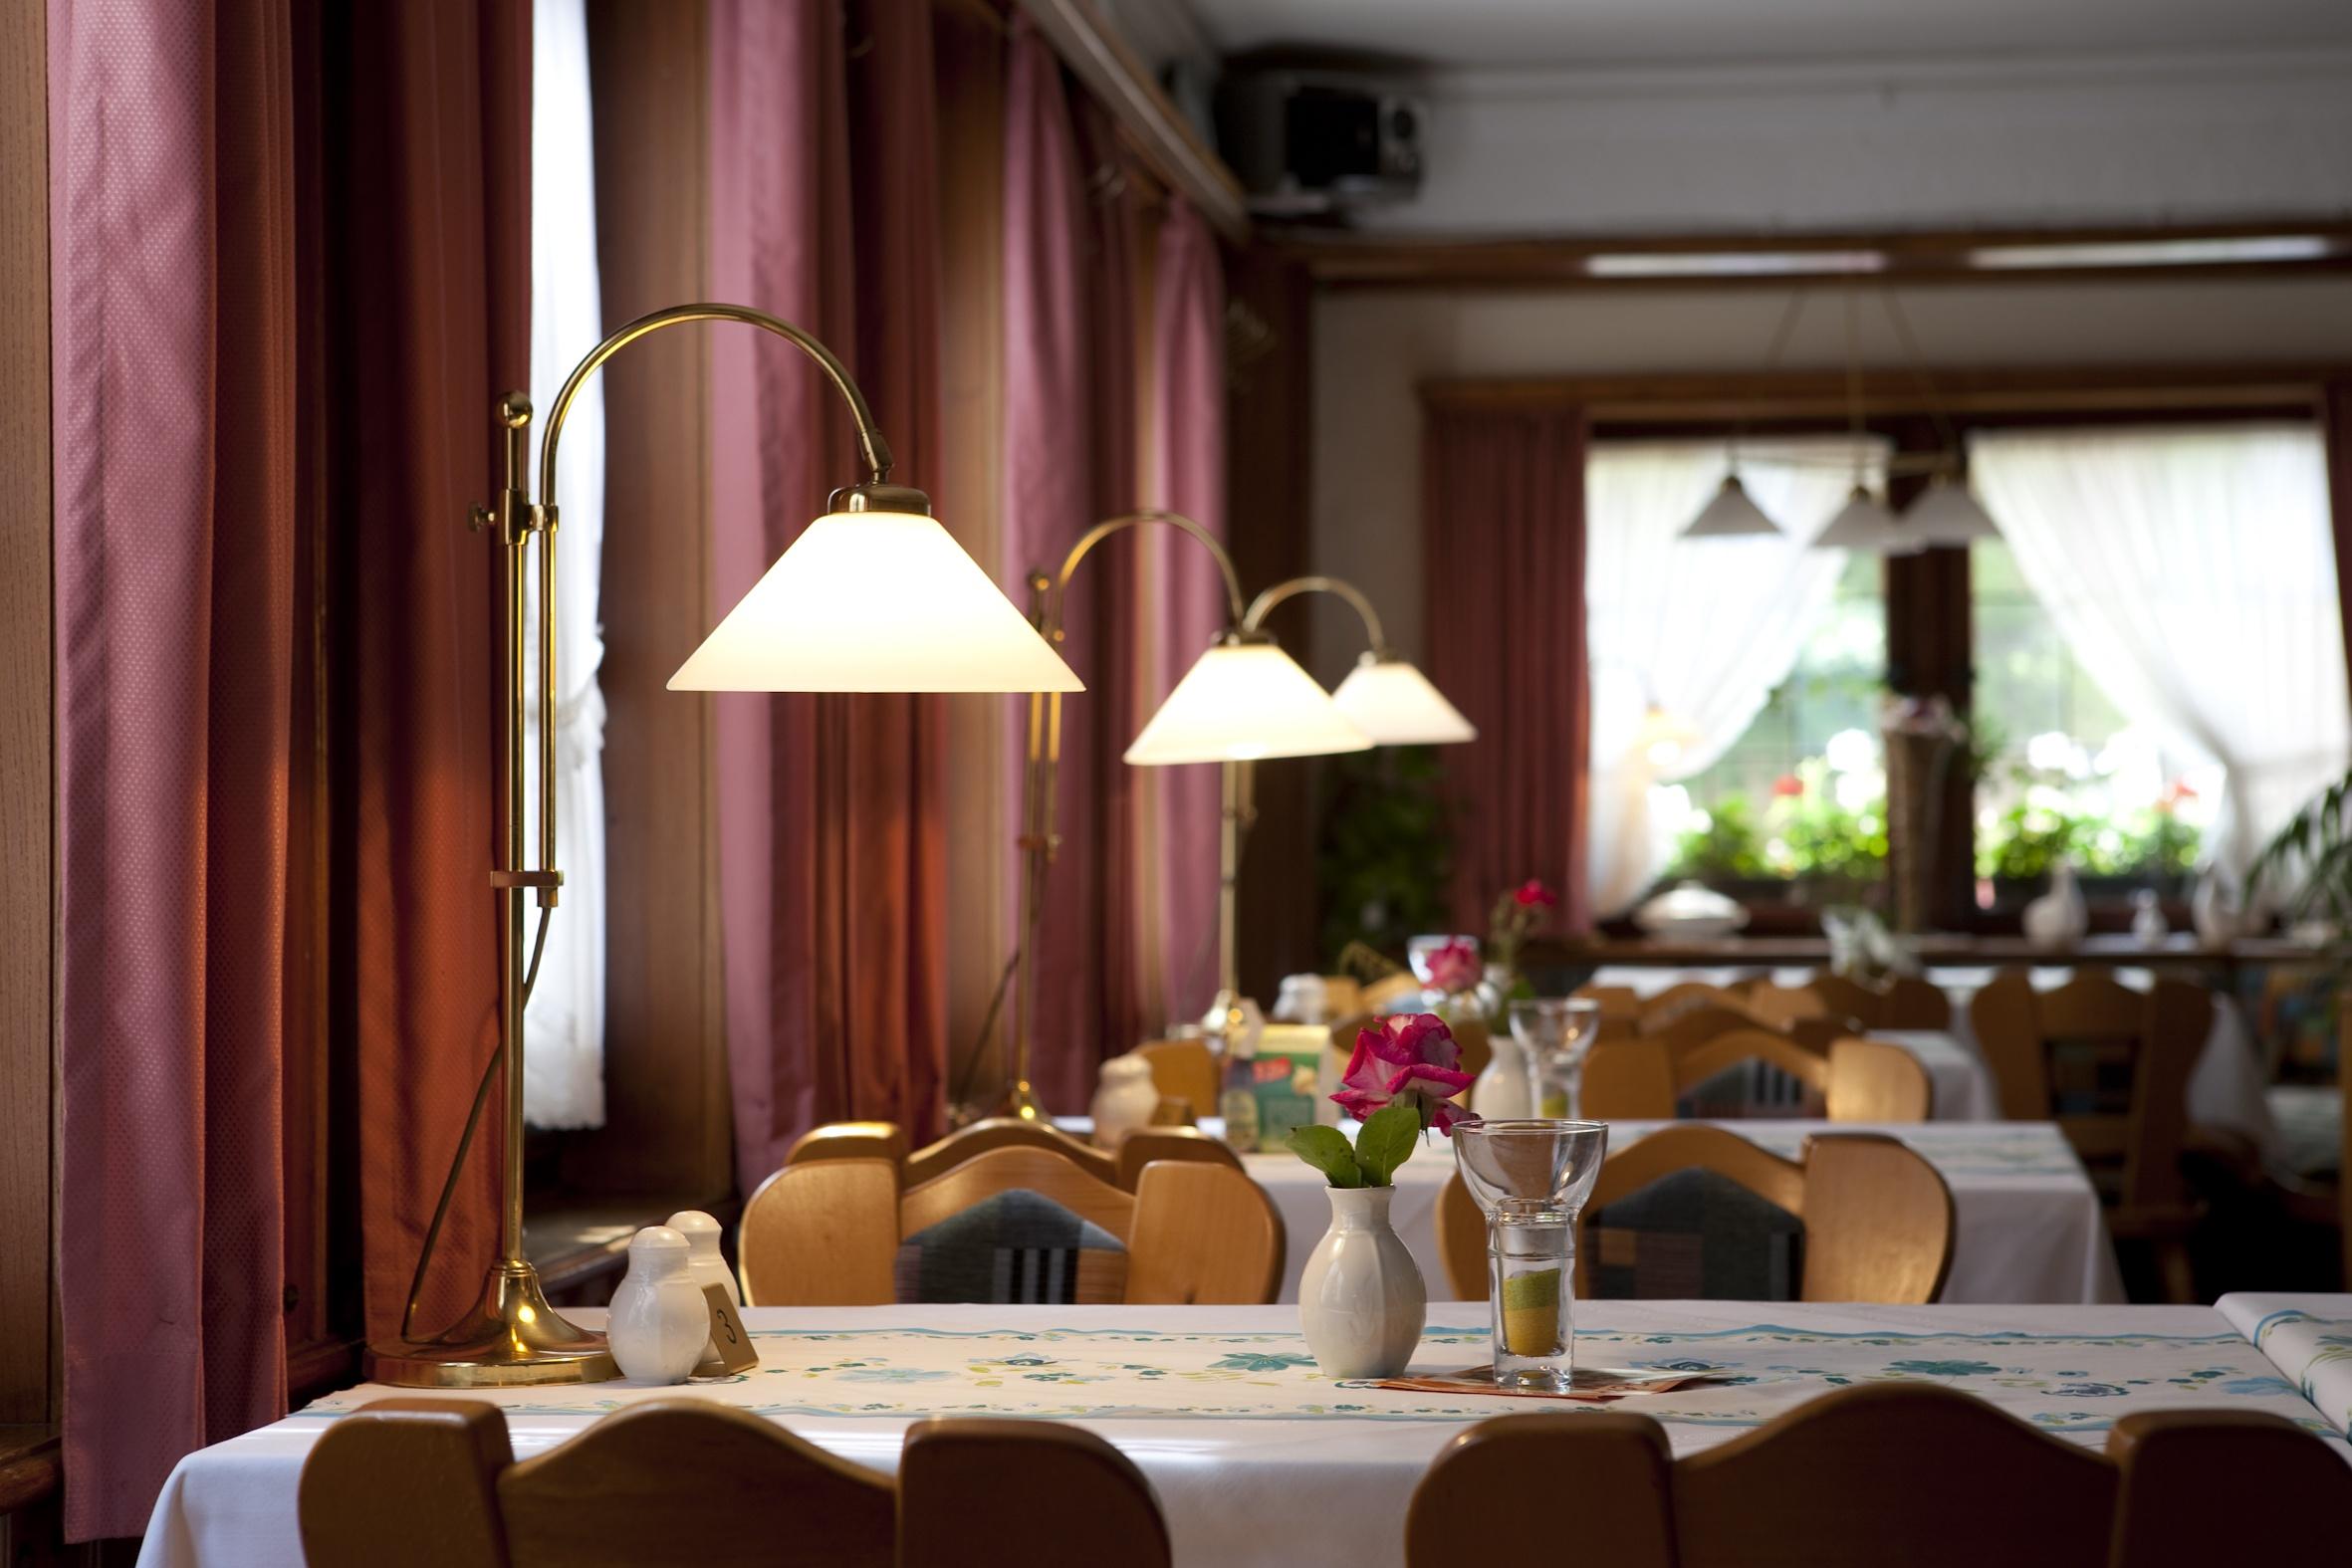 Hessental Gasthaus Zum Hirsch Hotel, Tische